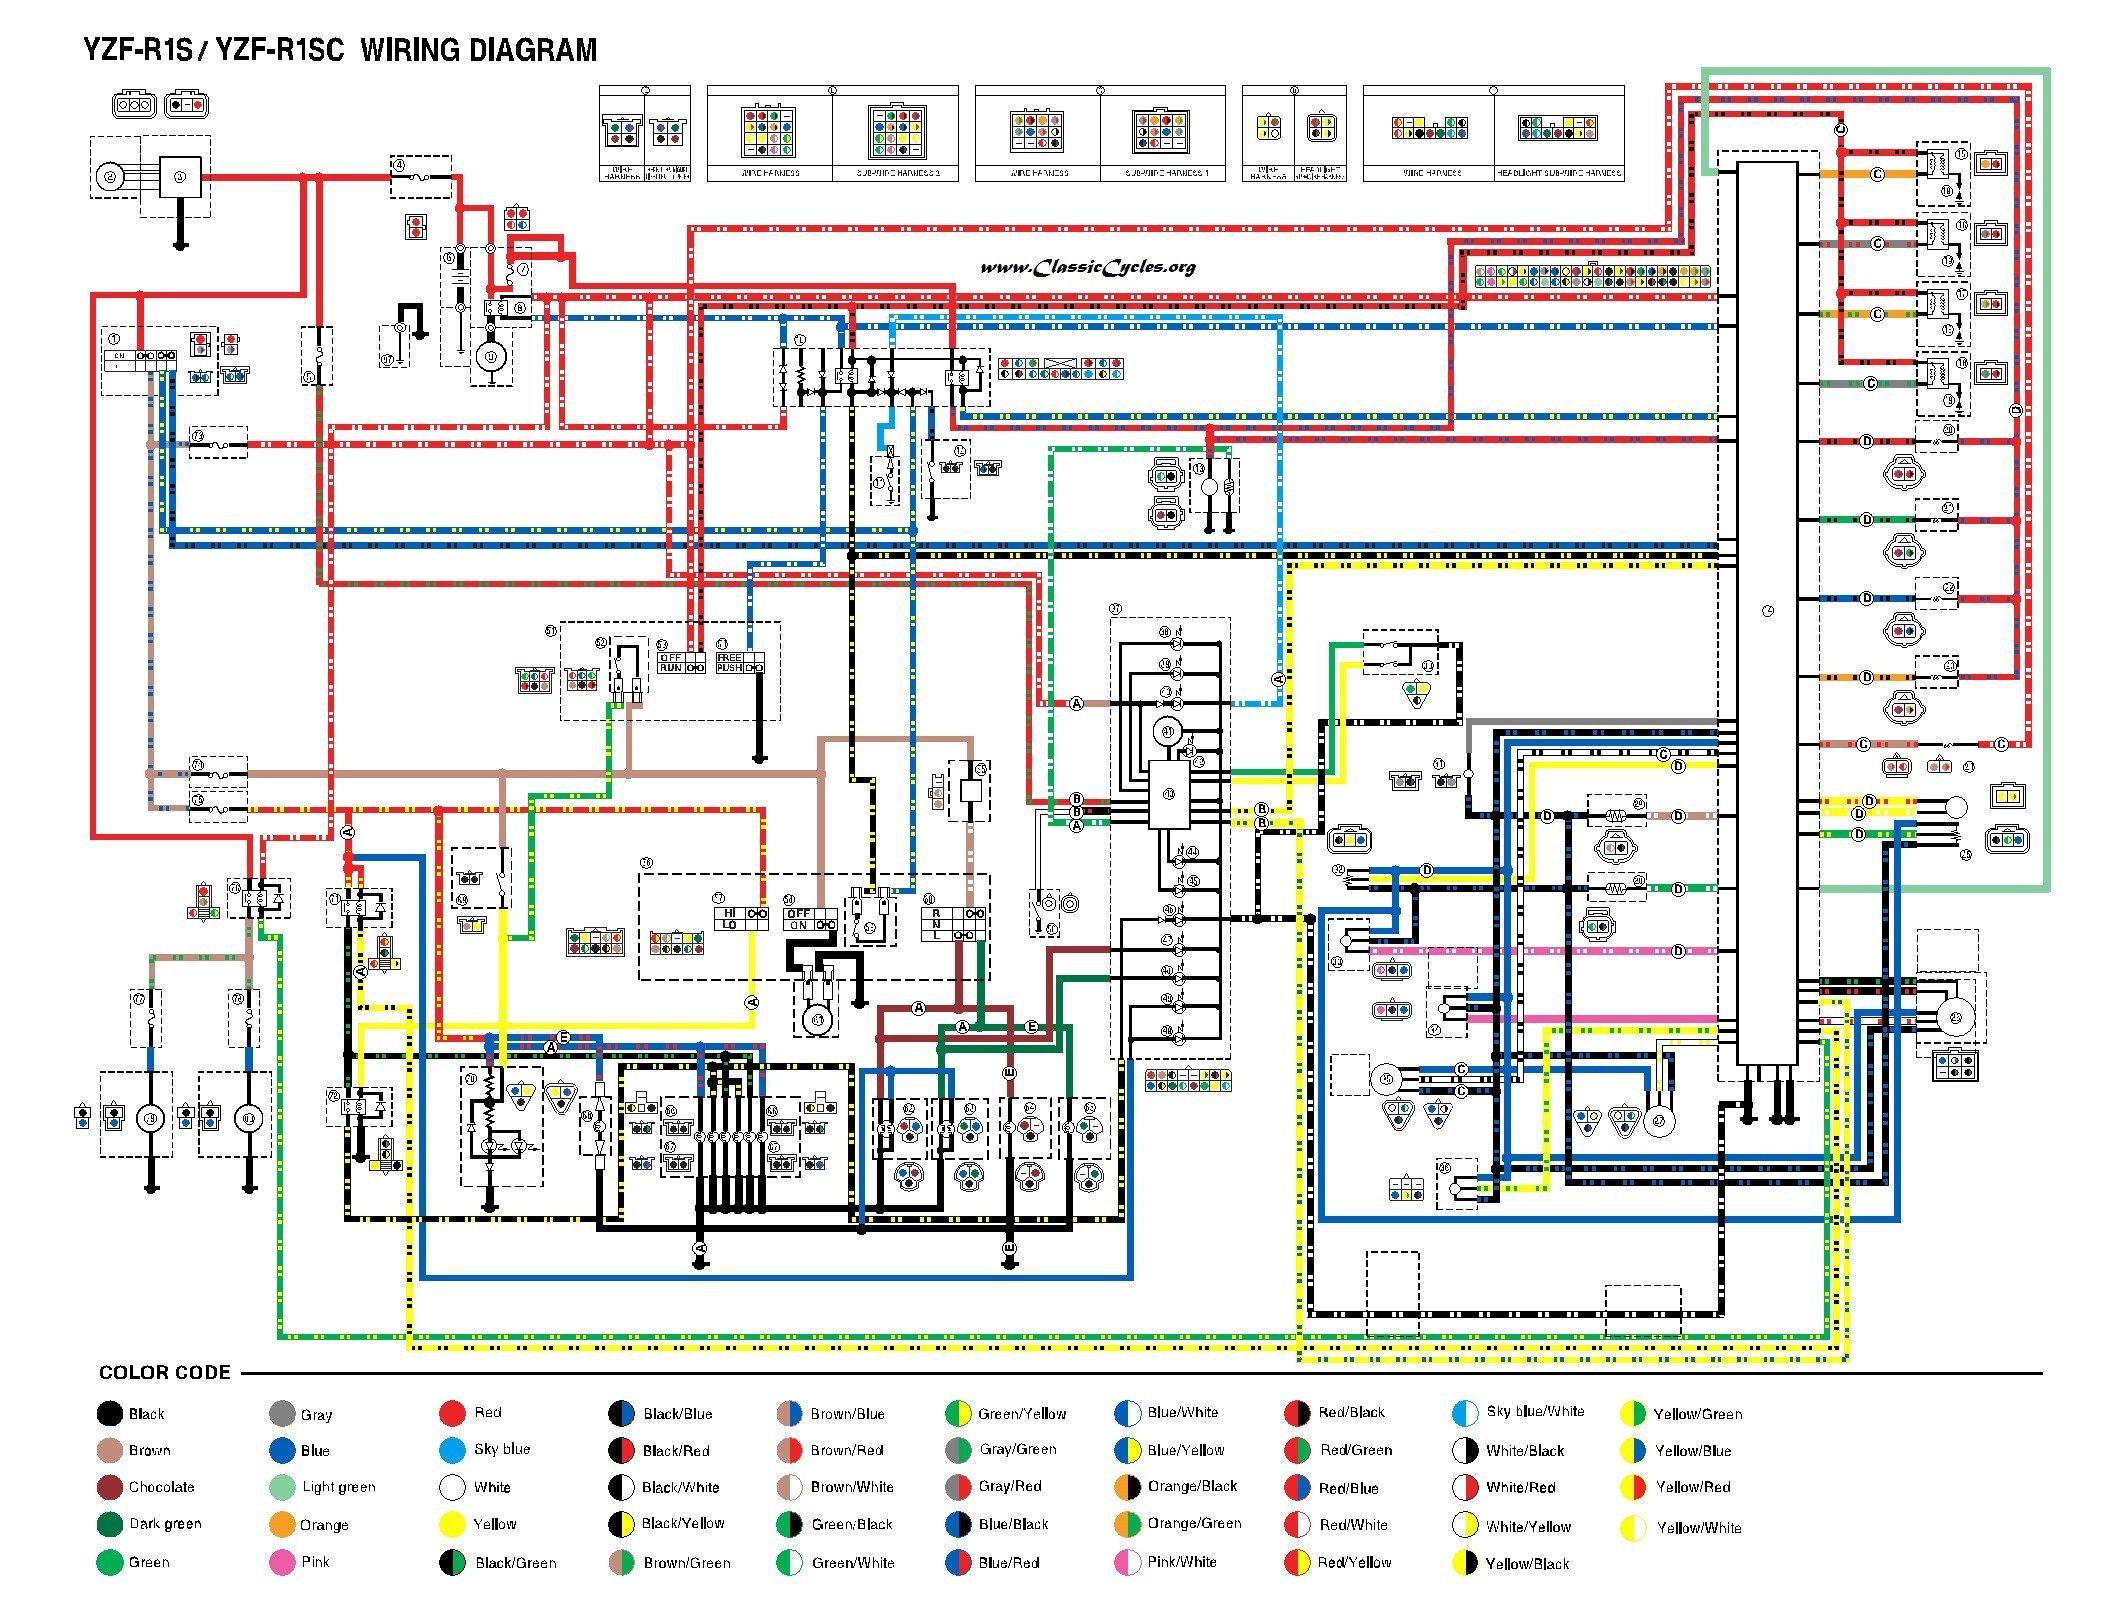 1985 yamaha wiring diagram wiring diagram wire diagram 1985 yamaha virago [ 2128 x 1600 Pixel ]